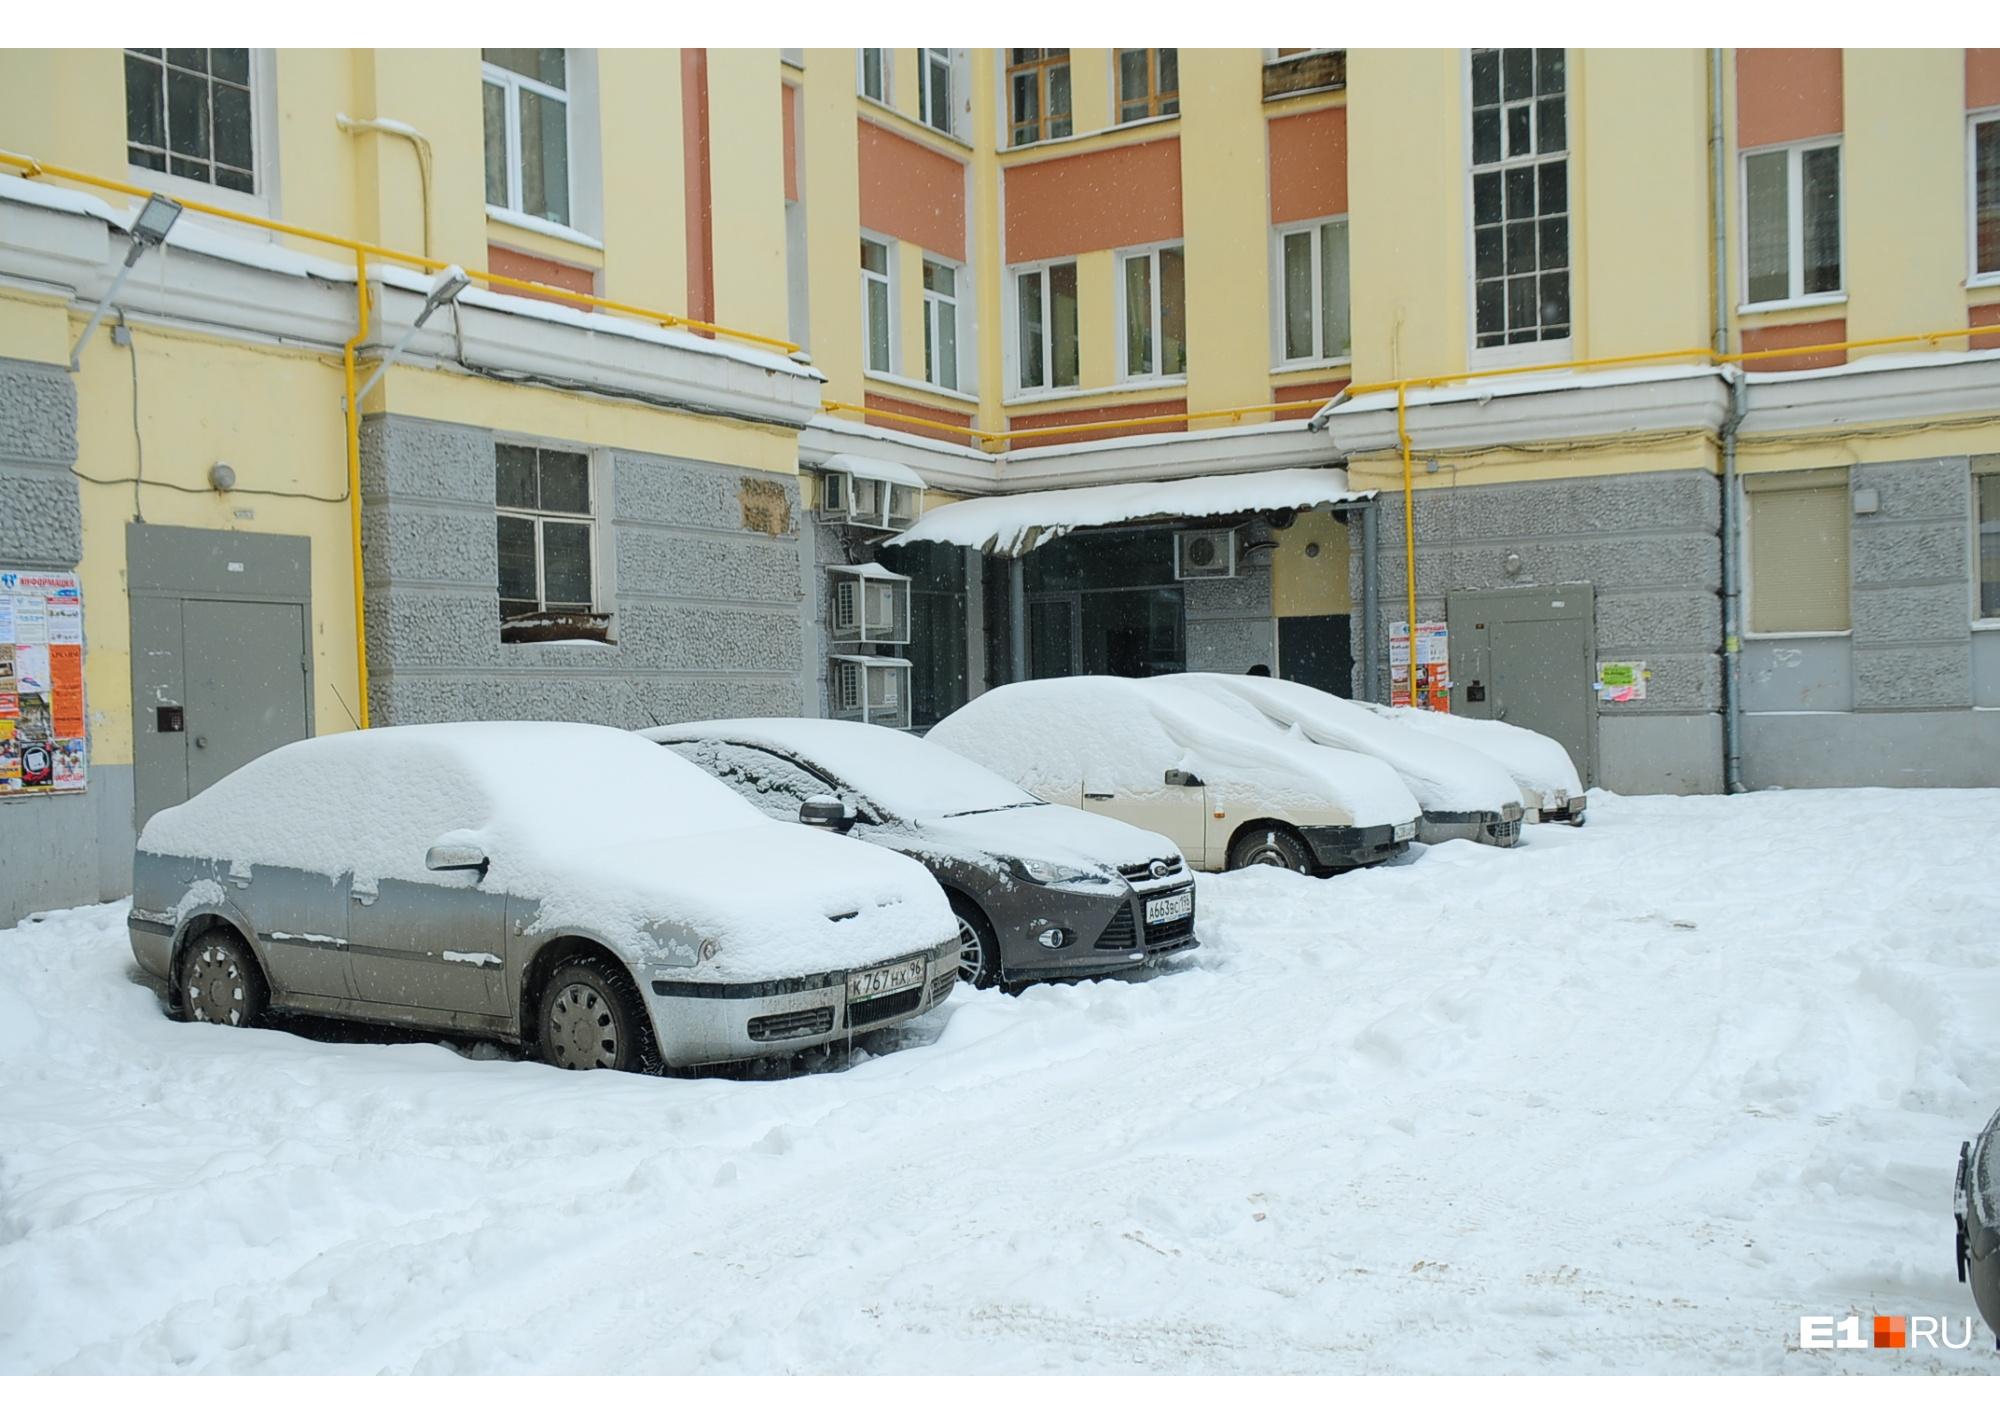 Если снег с крыш не убирать вовремя, то при первой же оттепели он свалится